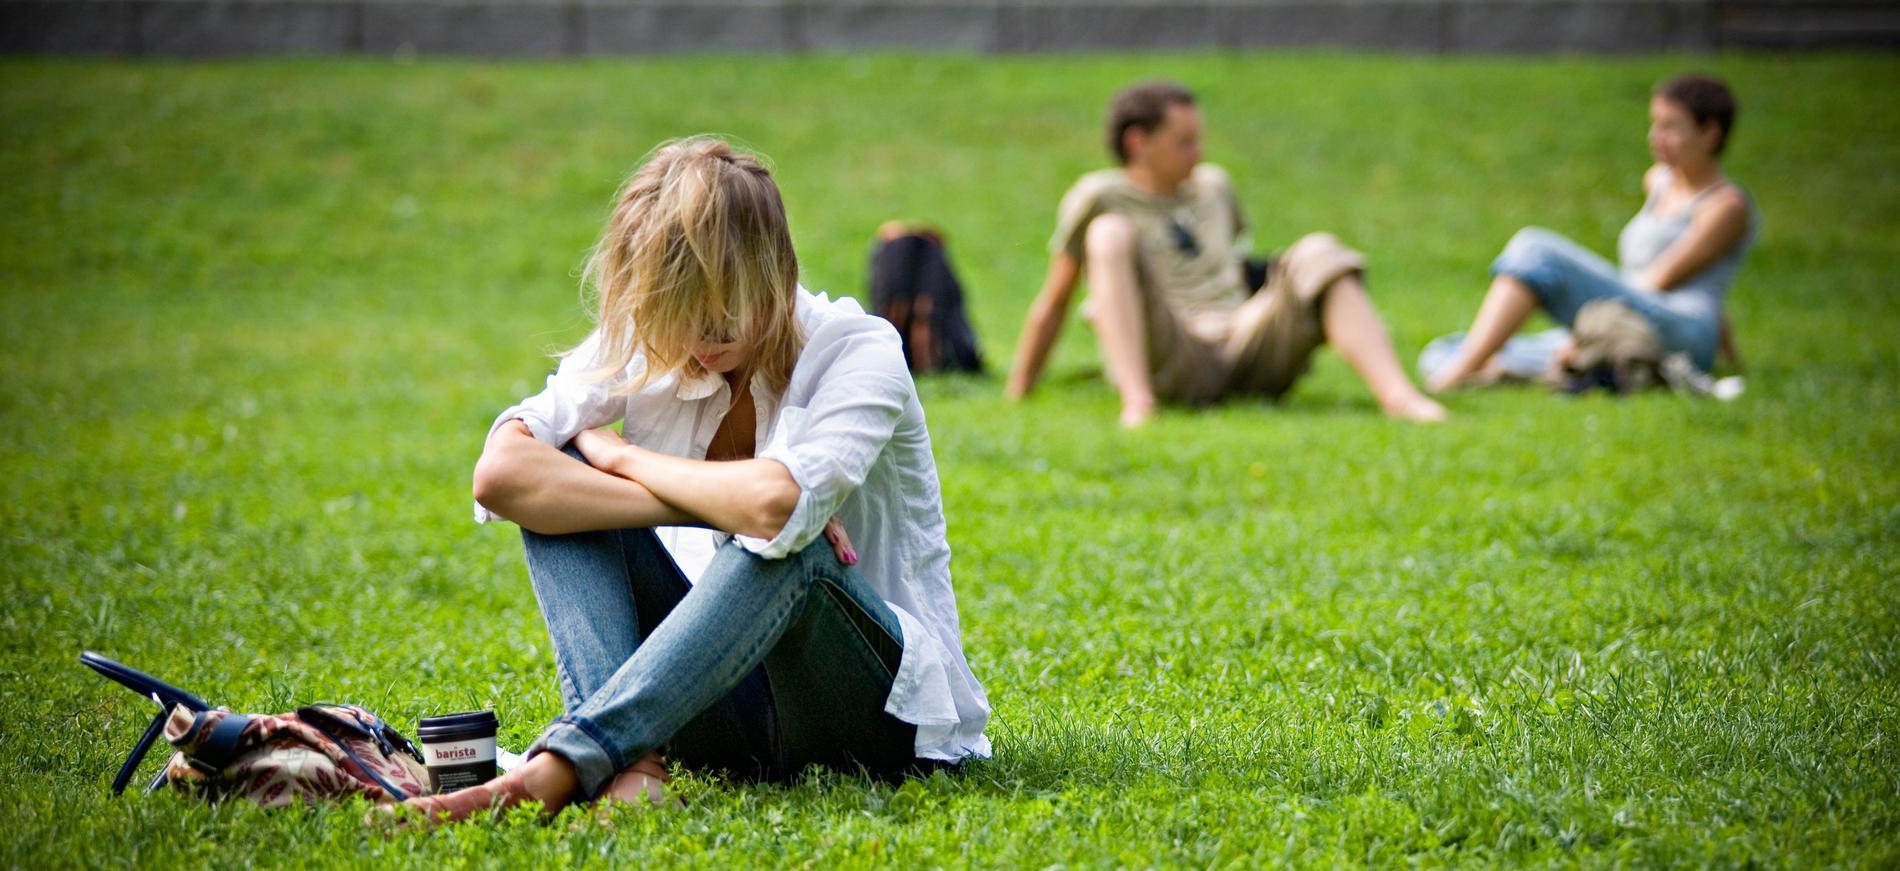 Sverige har flest ensamhushåll i världen.